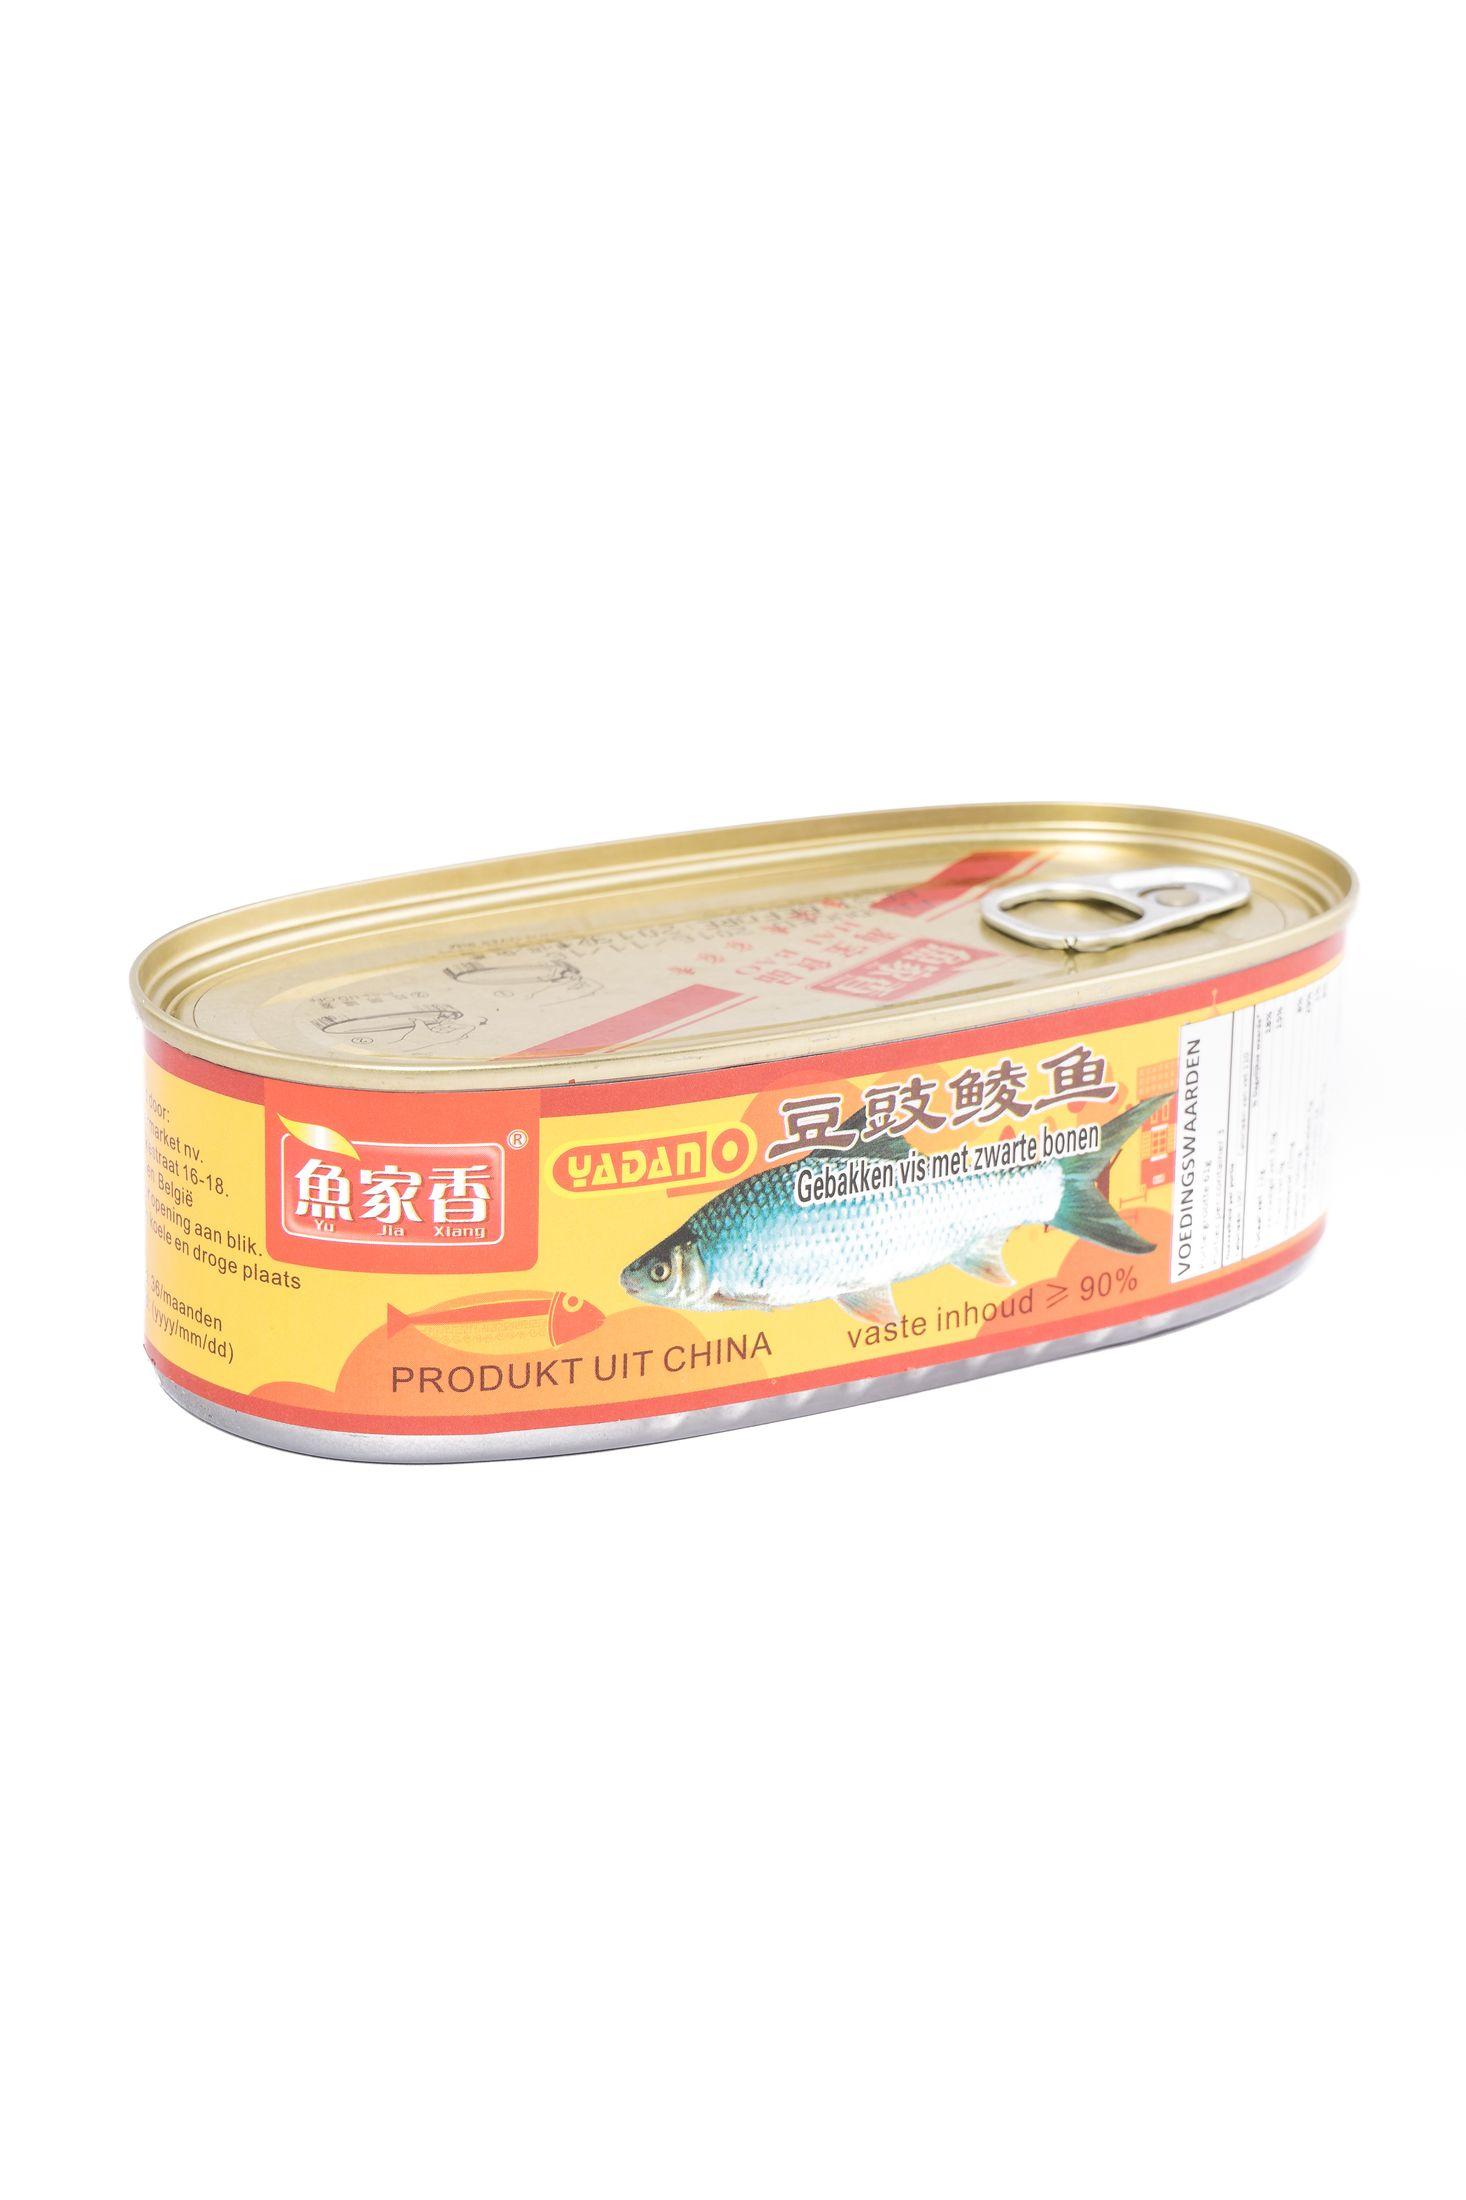 Gebakken vis met zwarte bonen (魚家香豆豉鲮鱼)